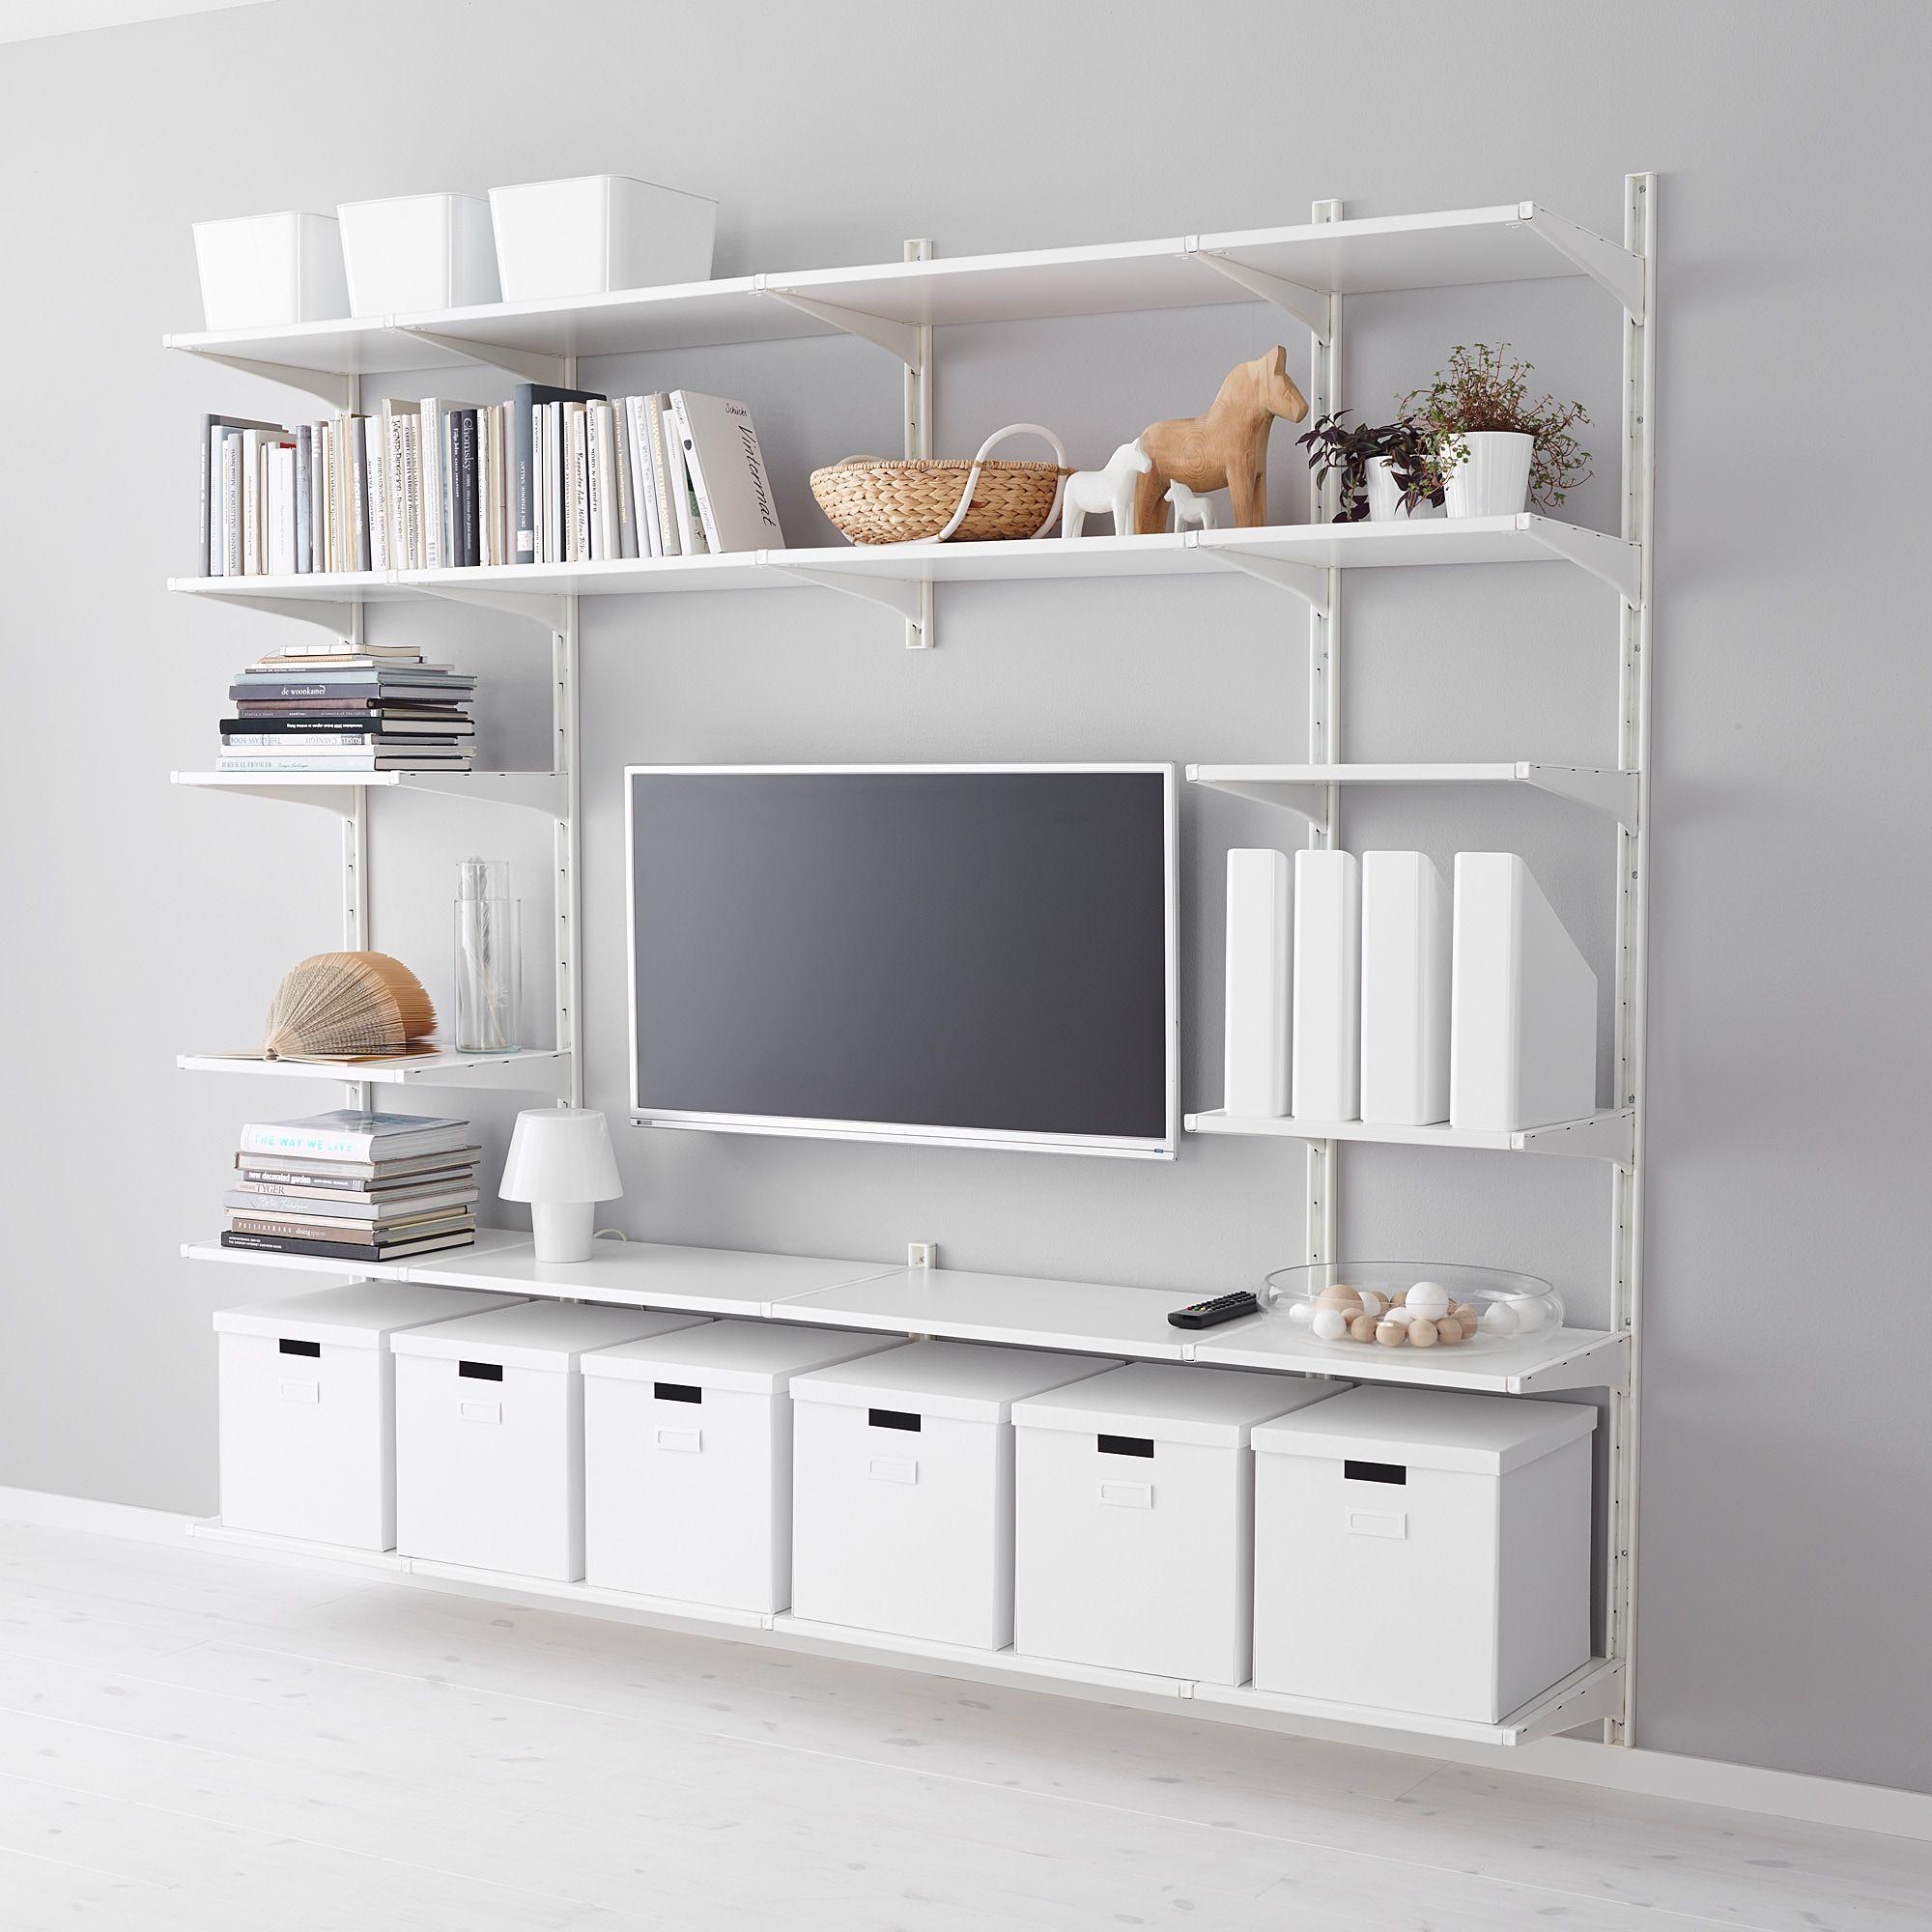 ALGOT Crémaillère/tablettes - blanc - IKEA en 2020 | Rangement mural ikea, Ikea algot, Ikea